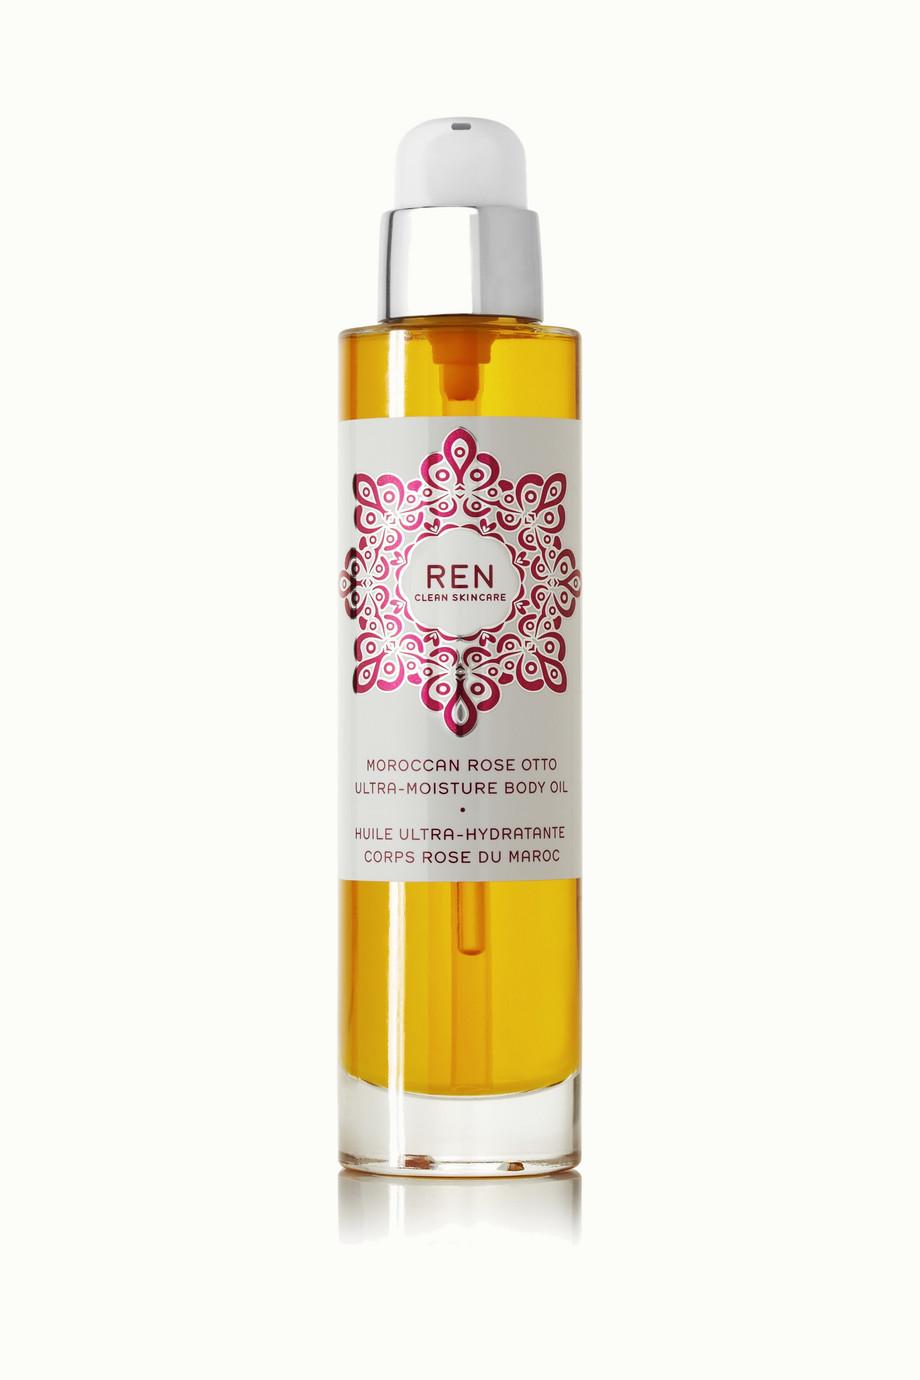 Moroccan Rose Otto Ultra-Moisture Body Oil, 100ml, by Ren Skincare